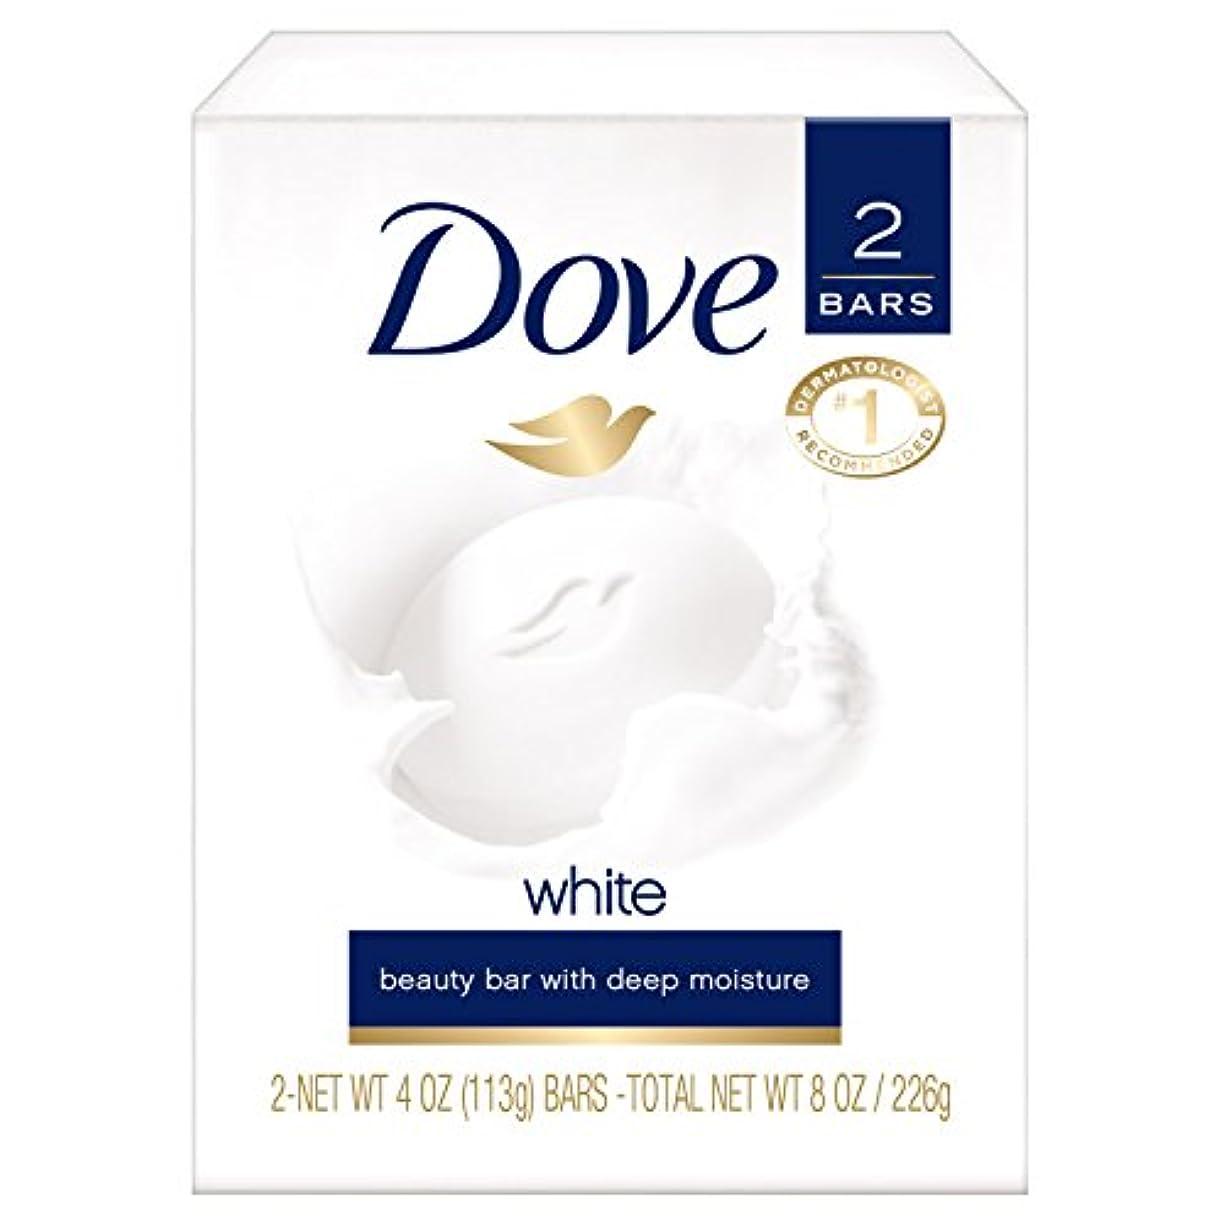 オークランドガウン生き返らせるDove White Beauty Bar Soap, White 4 oz, 2 ea by Dove